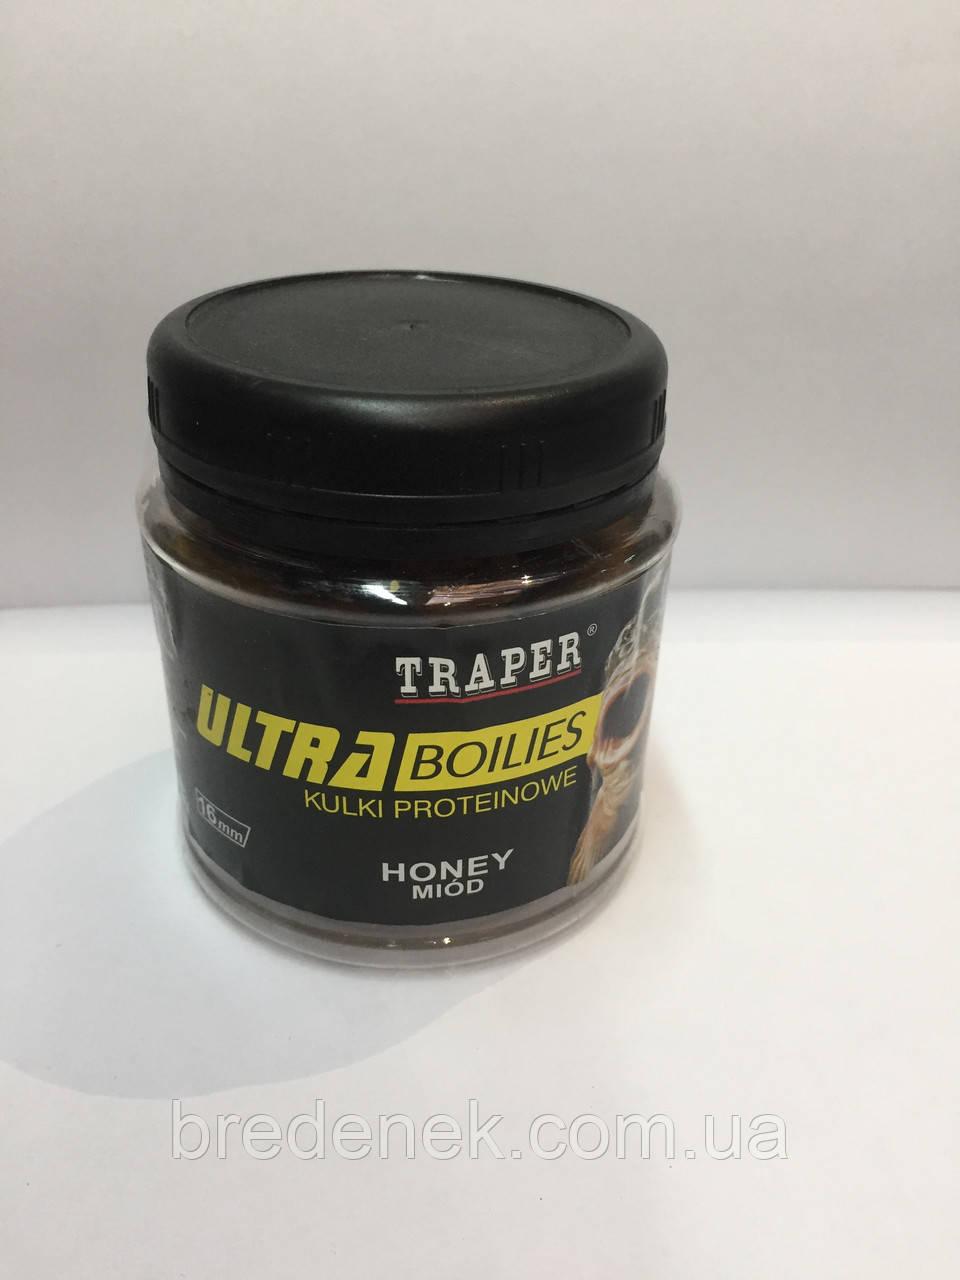 Бойлы Traper( TRAPER) в банке 100г  МЁД